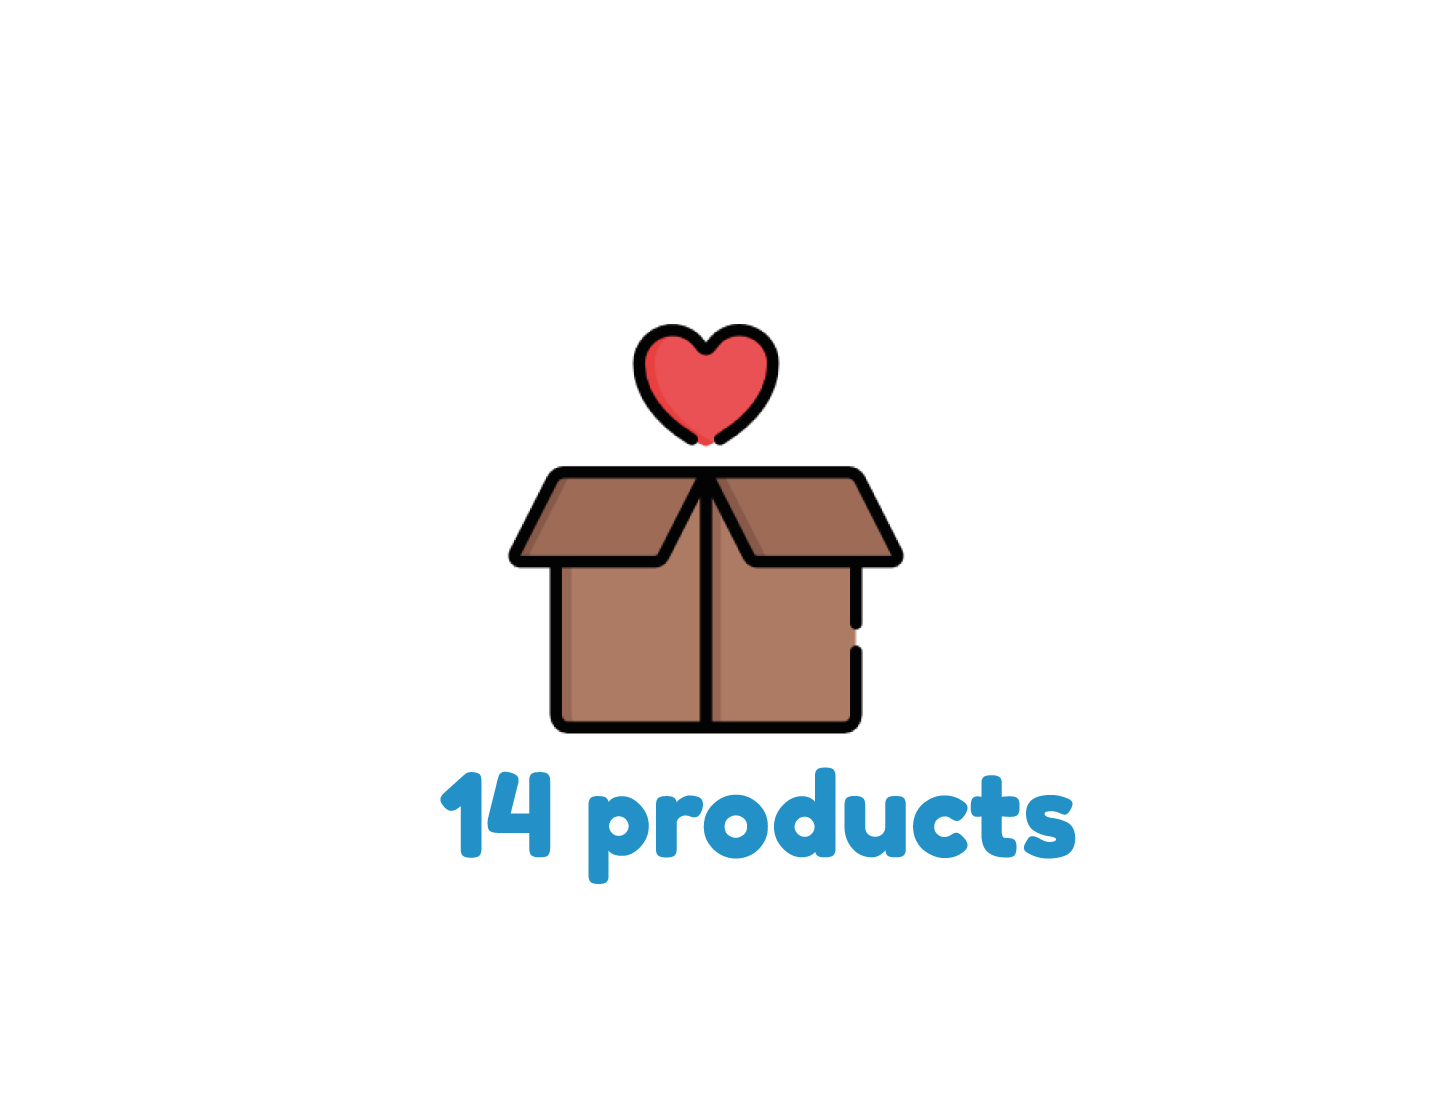 Premium Box 14 Products